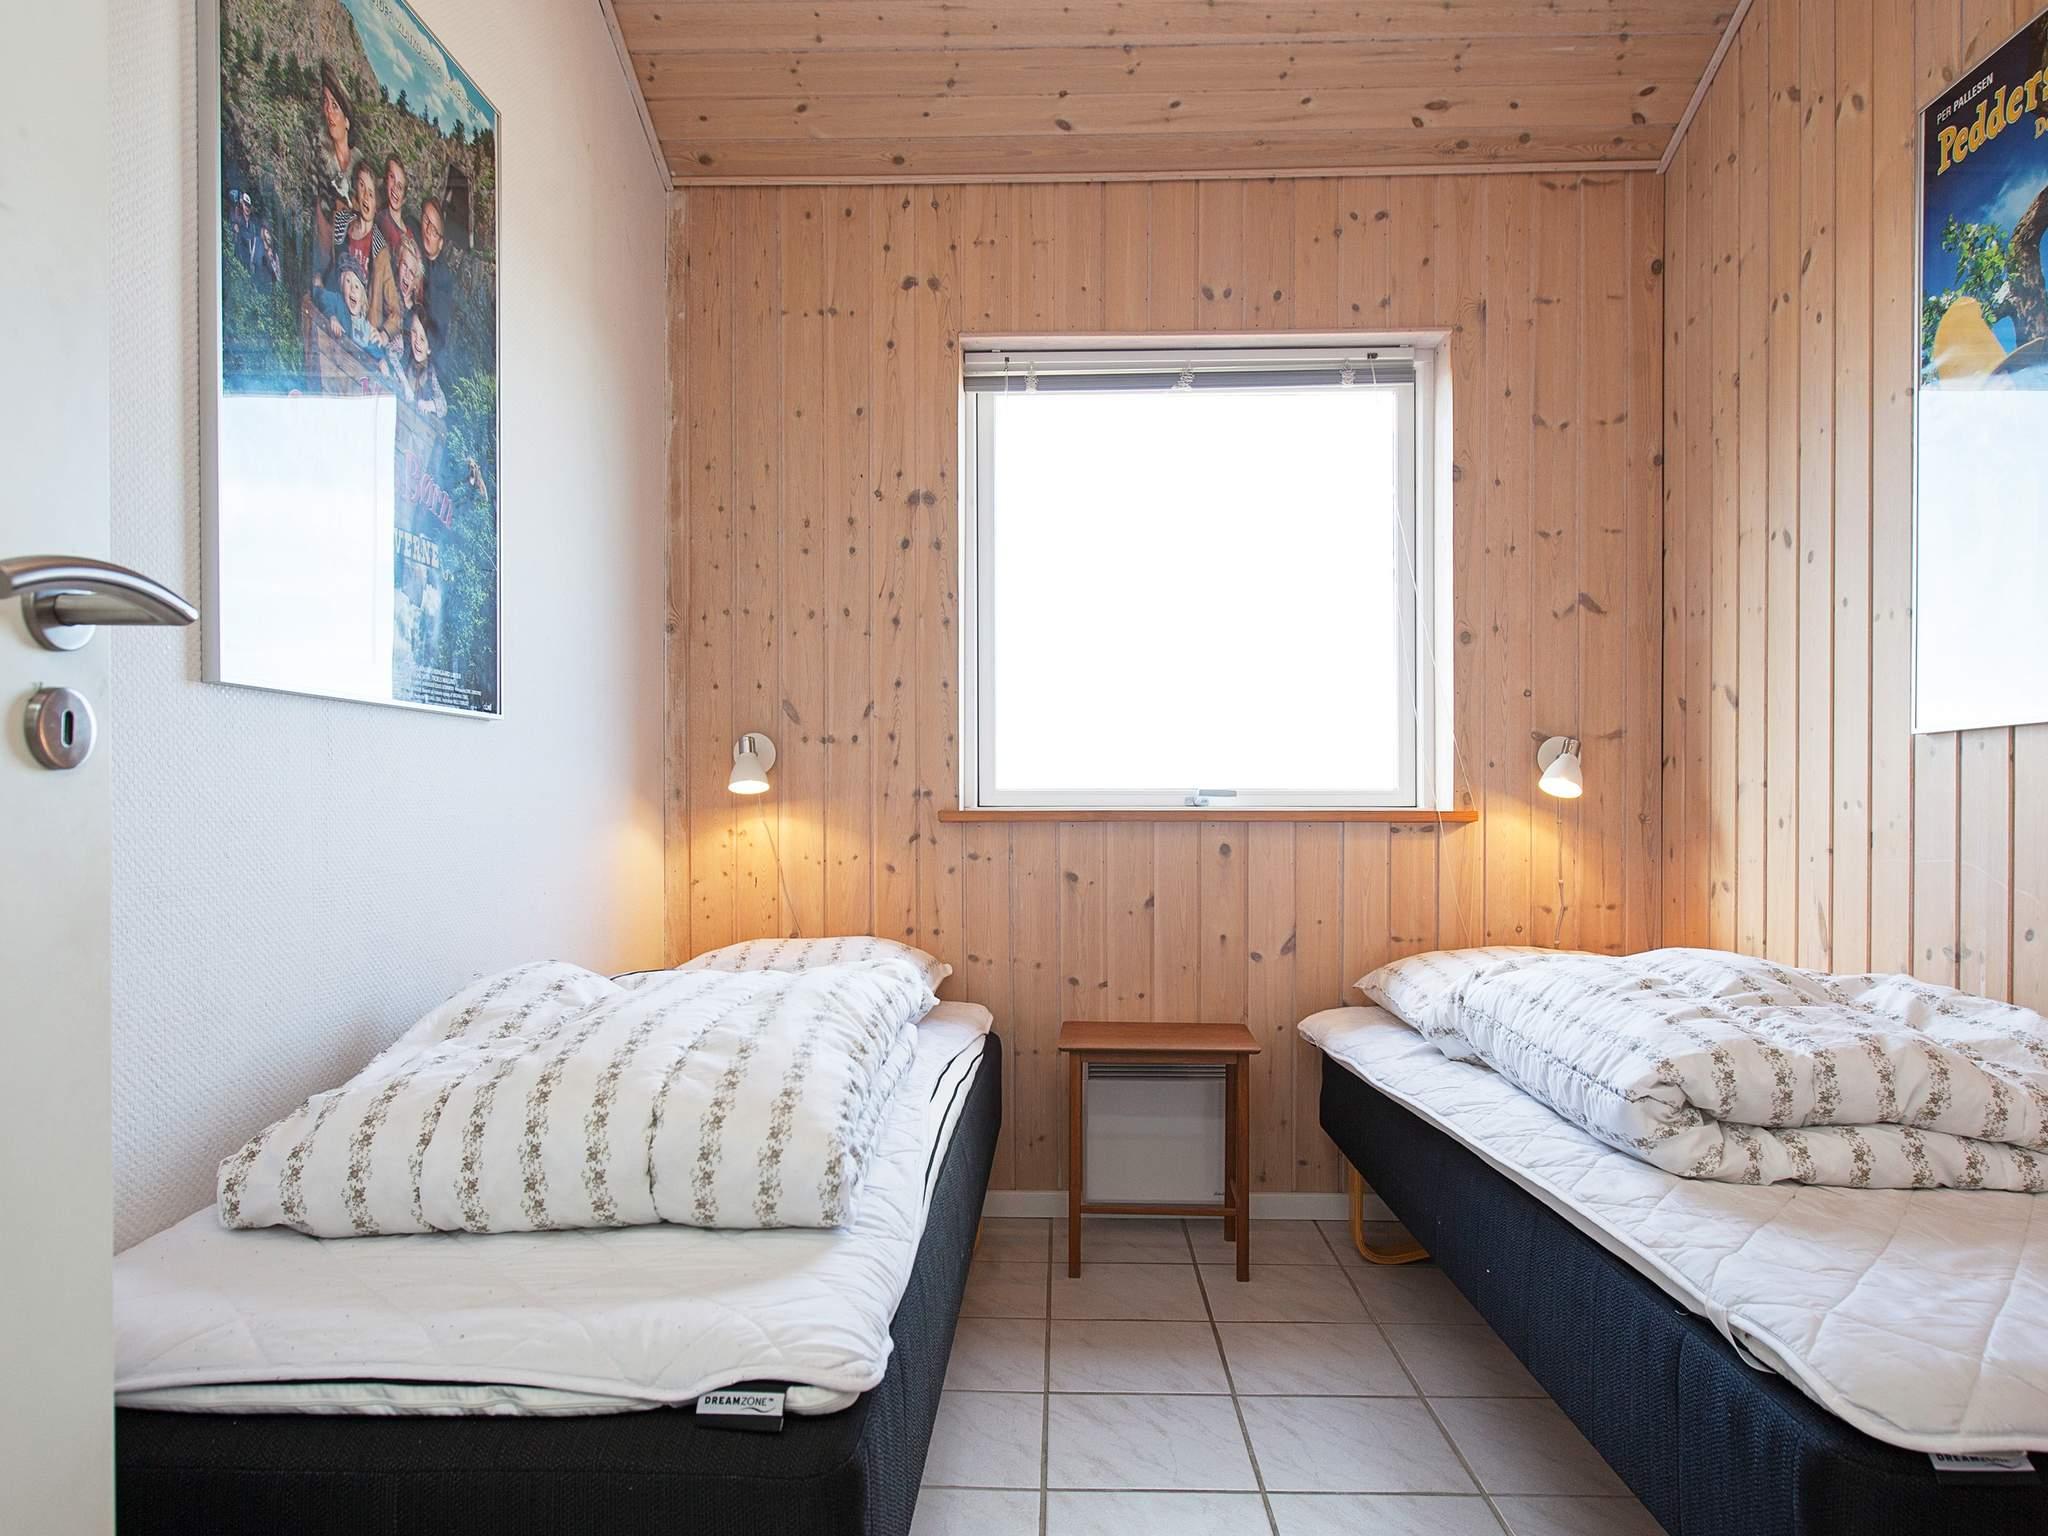 Ferienhaus Veddinge Bakker (2355598), Veddinge, , Westseeland, Dänemark, Bild 9